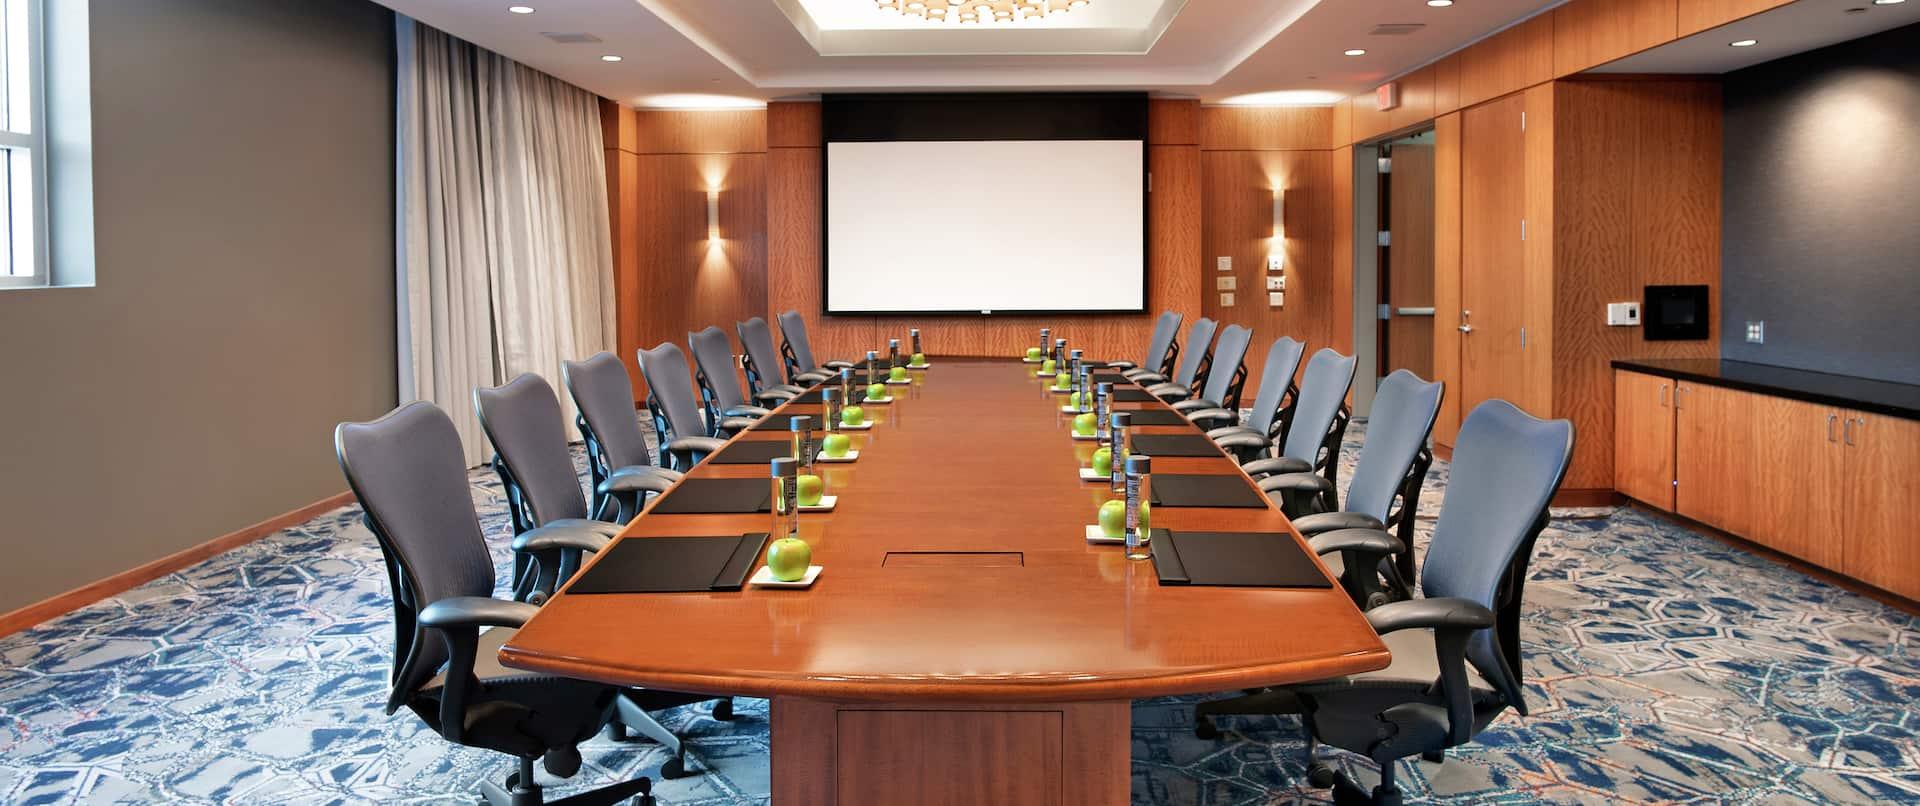 Marshall Meeting Room